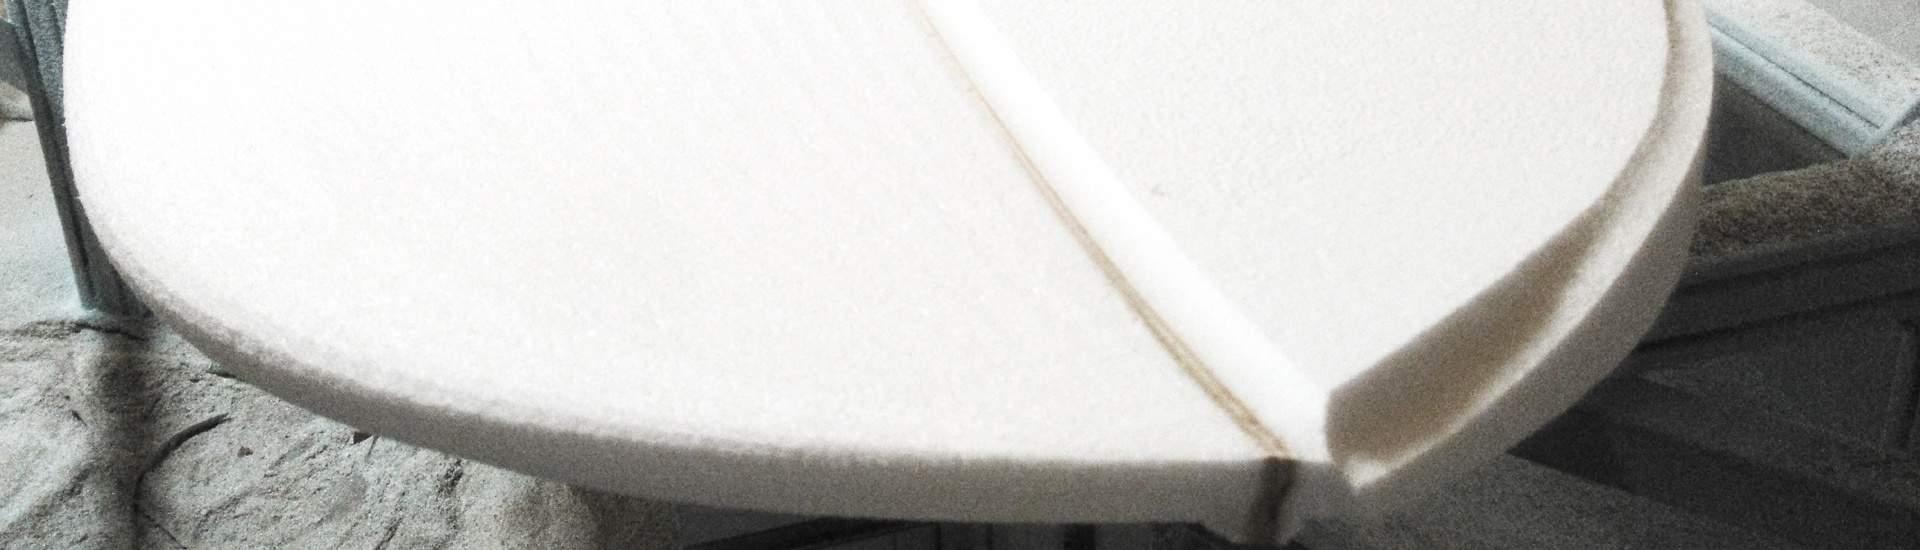 Fabrication française de pain mousse PSE pour les sports de glisse Surf Longboard SUP Windsurf Kite jusqu'à 14'6